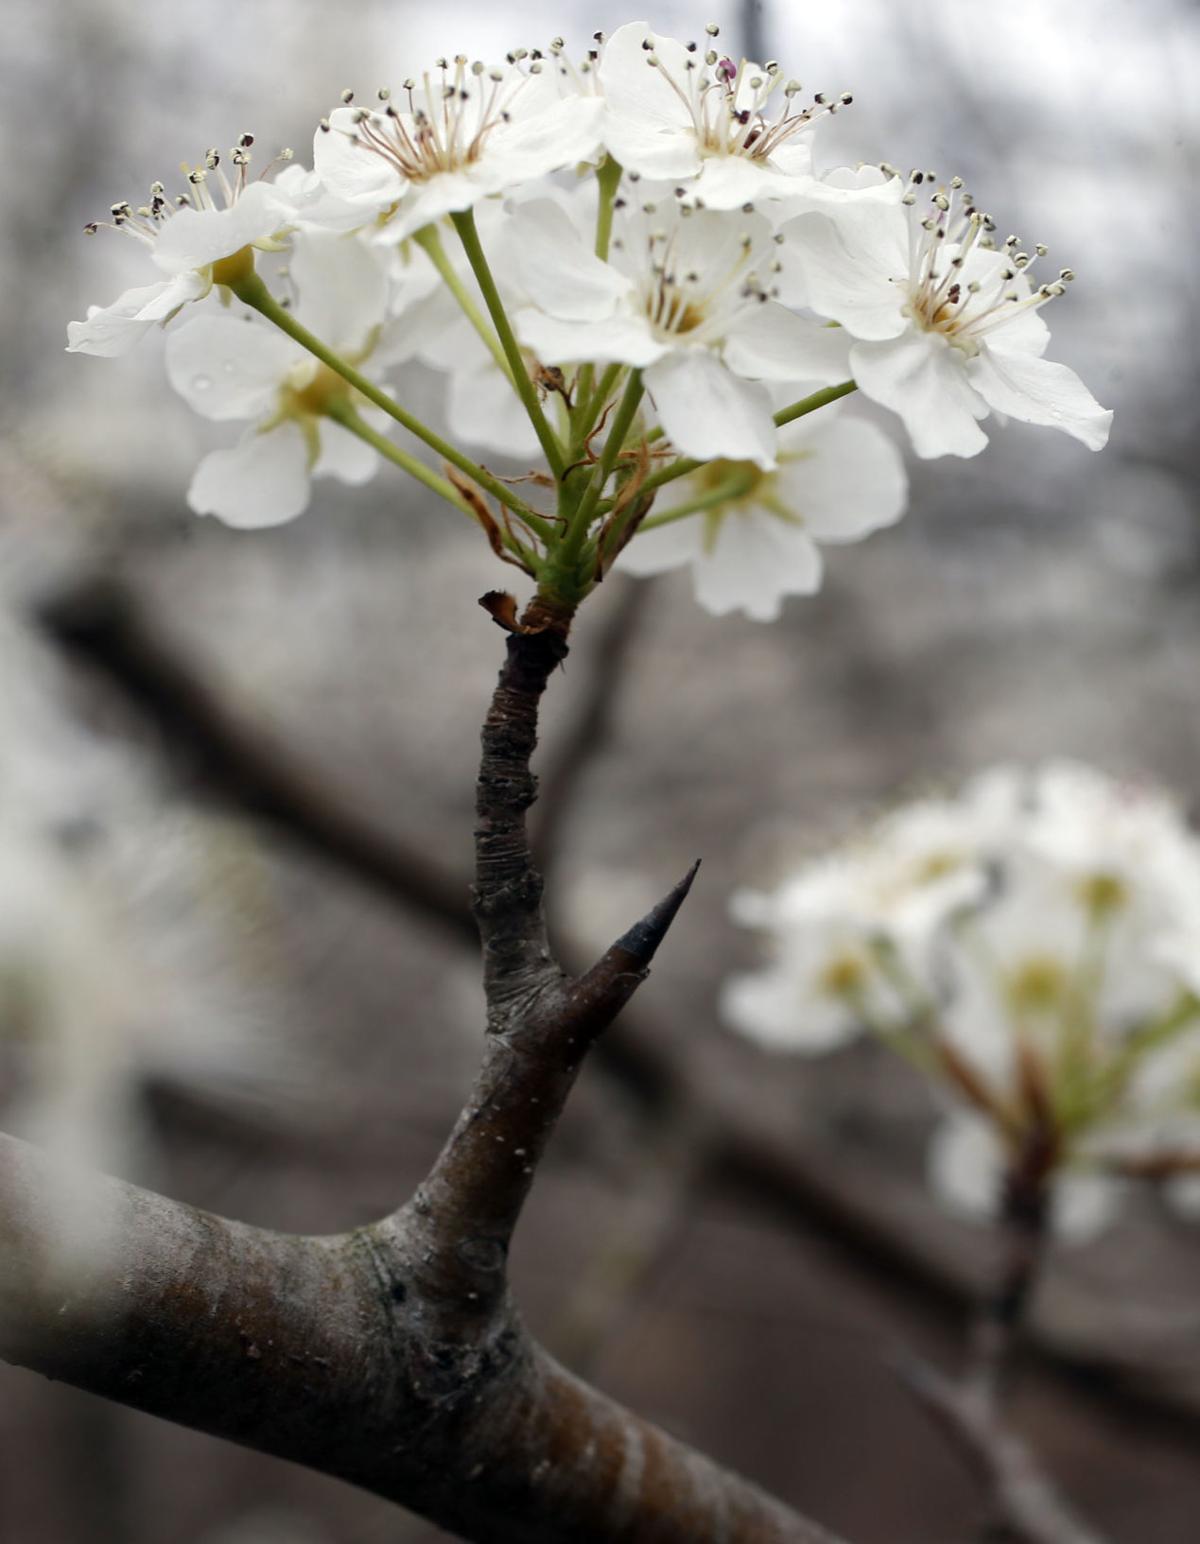 Master Gardener White Flowering Bradford Pear Trees Have Dark